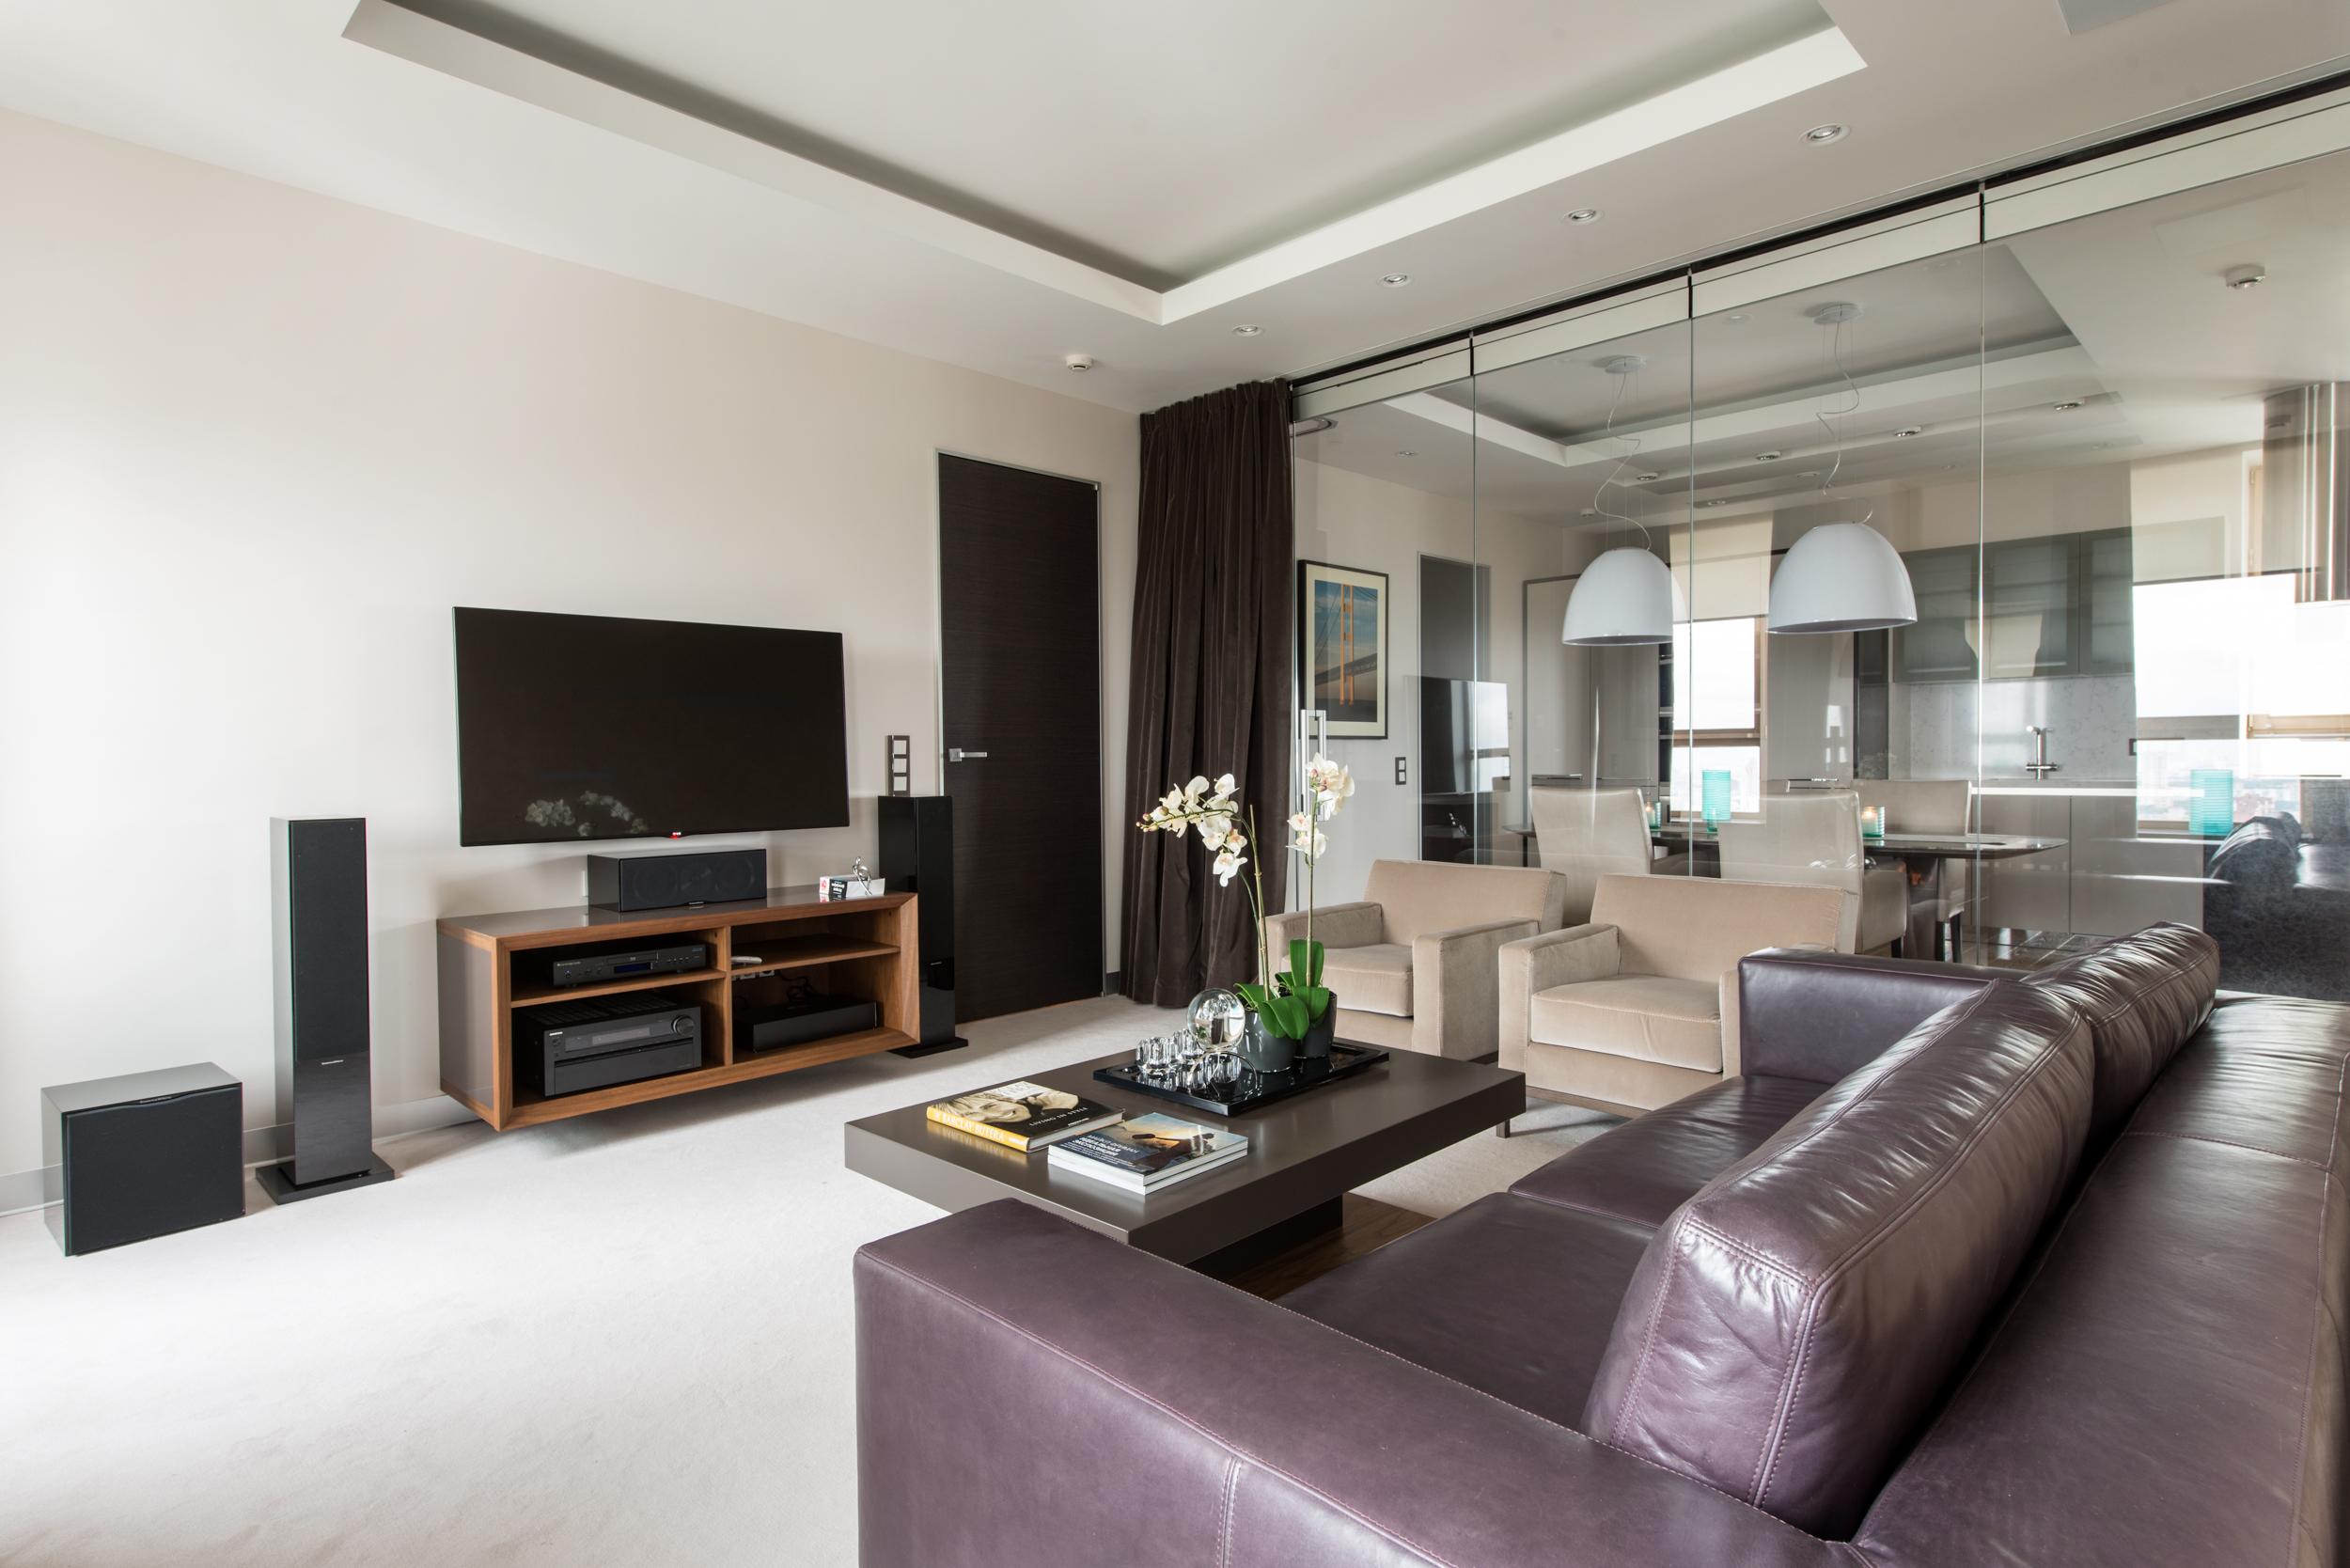 гостиная, дизайн гостиной, интерьер